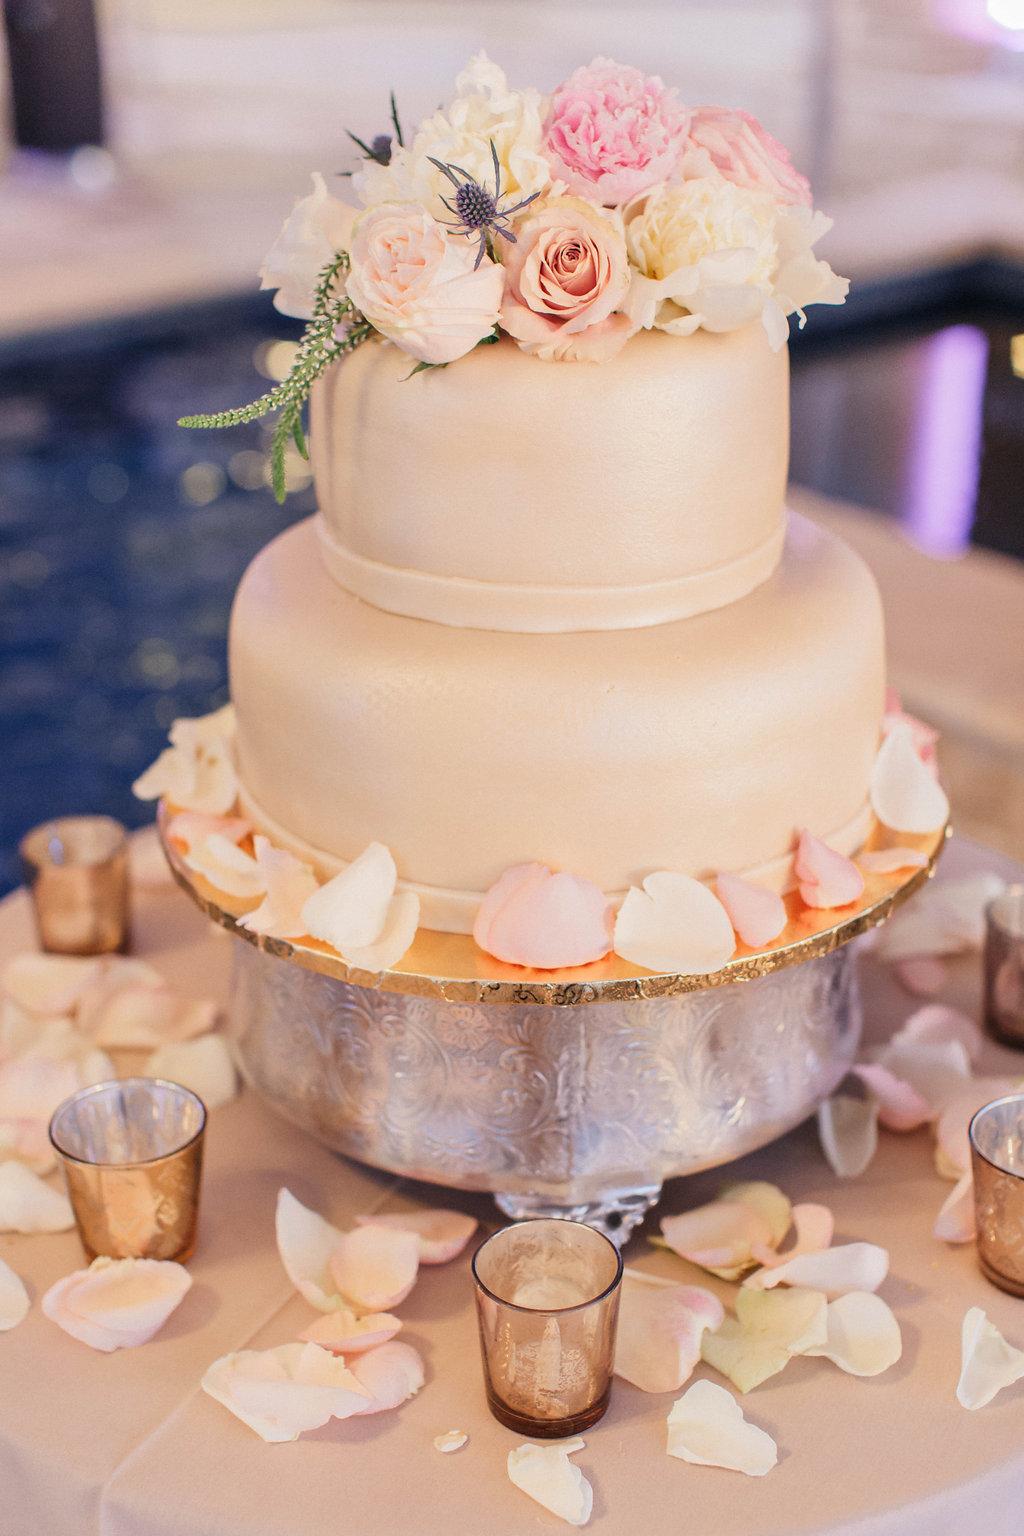 Nicole_Marie_Photography_Luxury_Wedding_Photographer-22.jpg